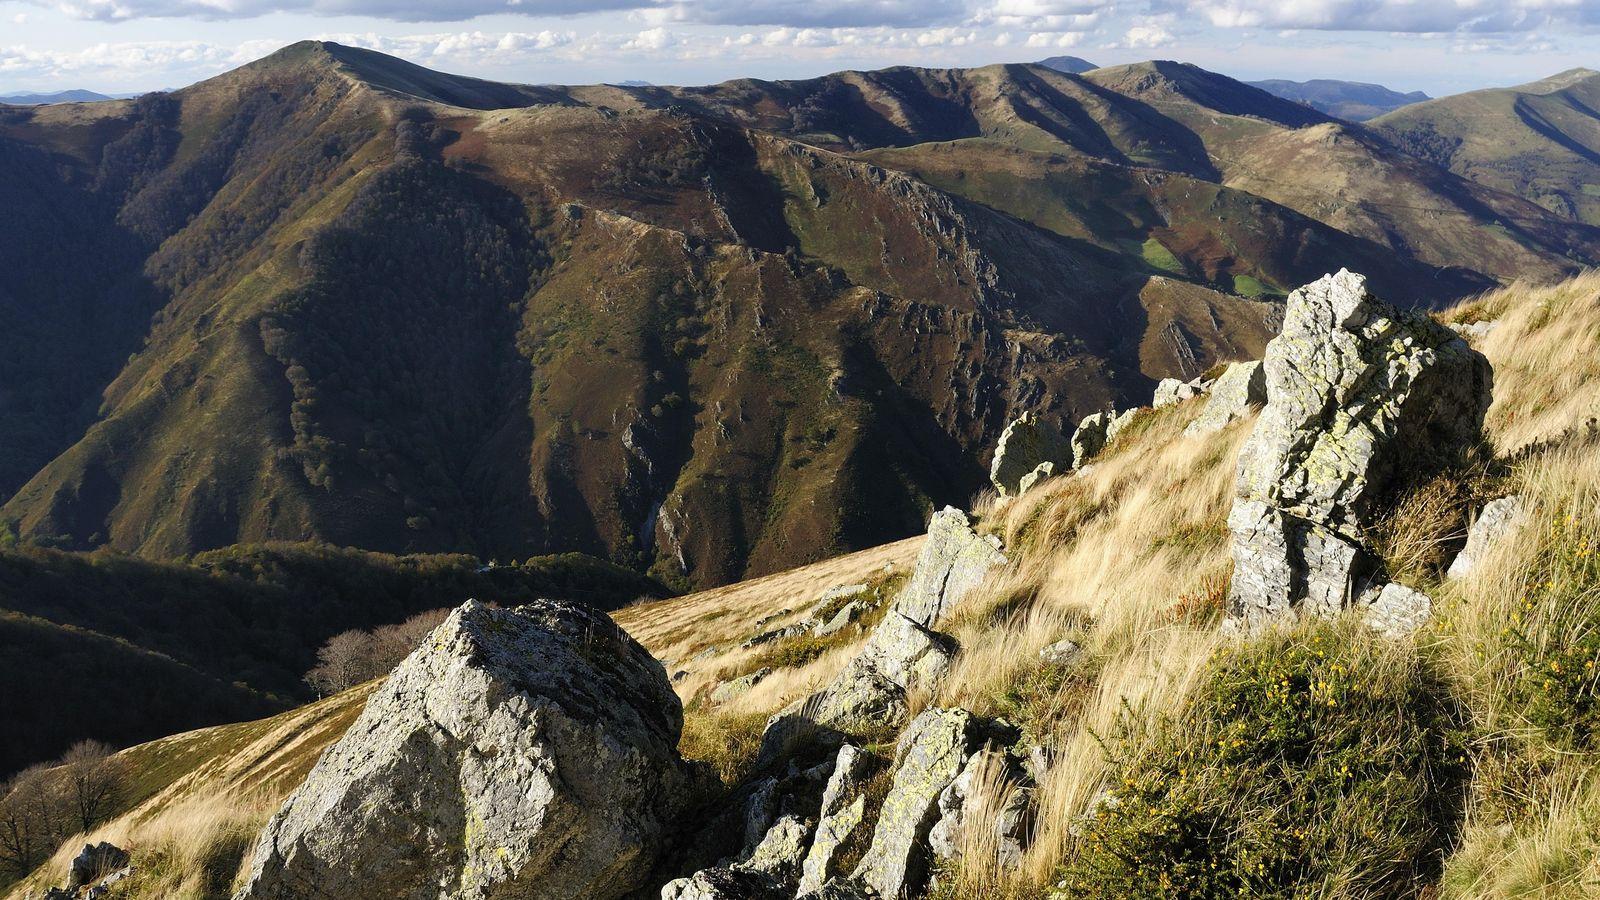 Foto: Riscos cerca de Roncesvalles donde probablemente tuvo lugar dicha batalla. (Corbis)